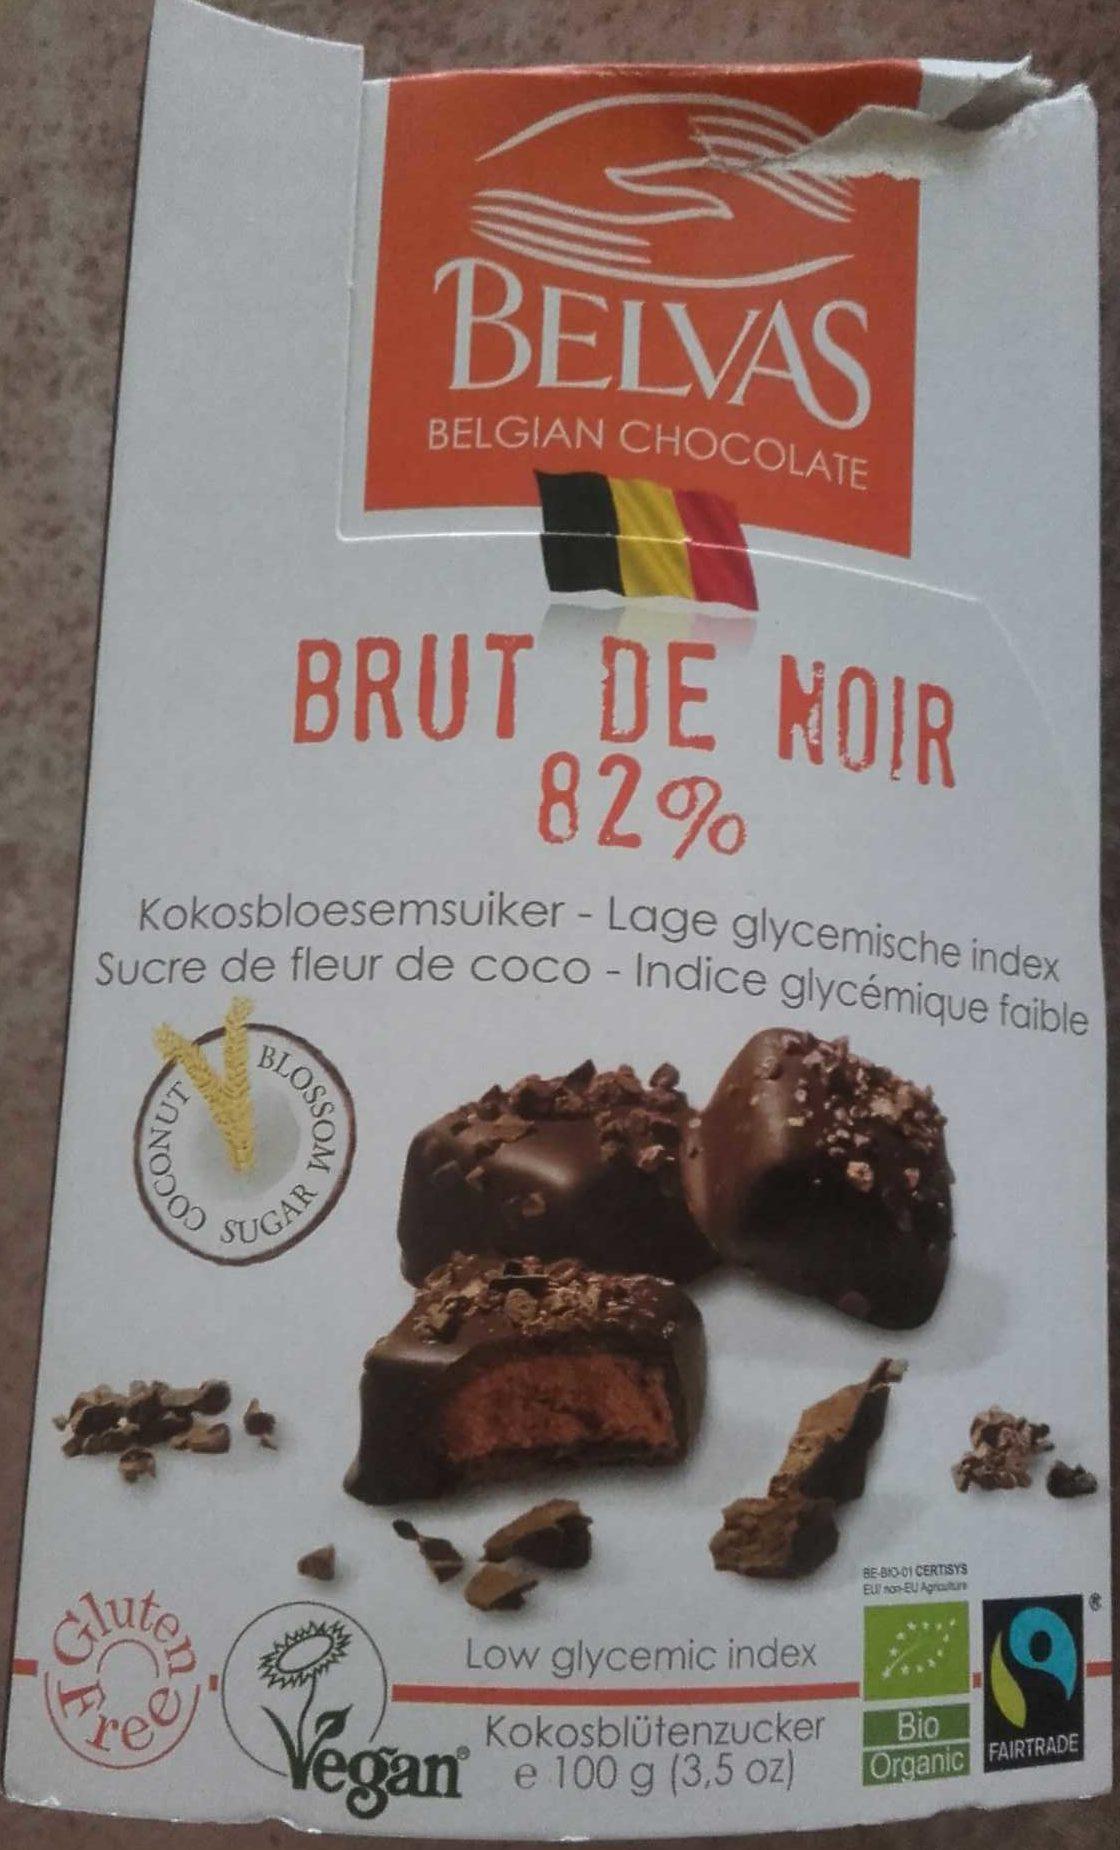 Brut de Noir 82% - Product